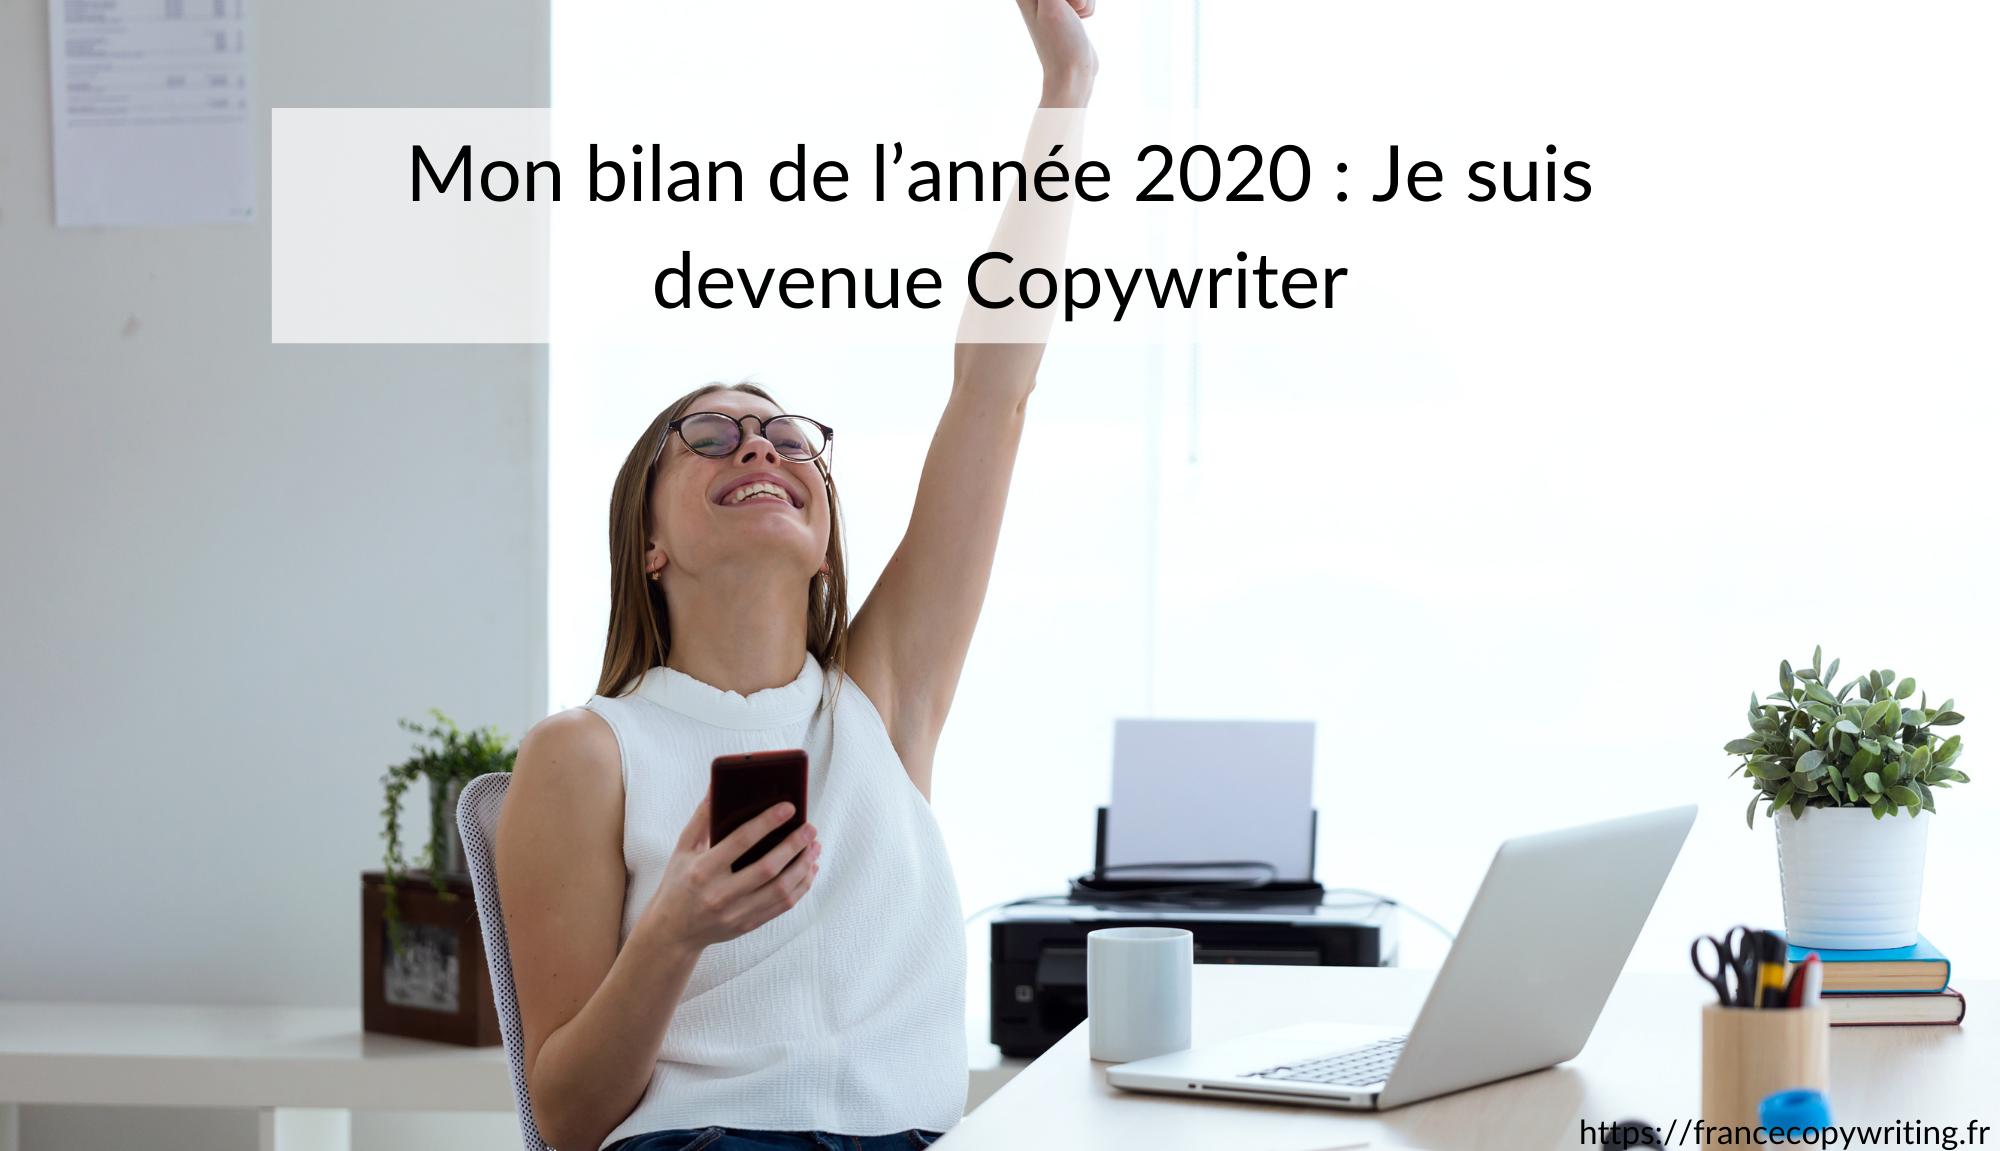 Mon bilan de l'année 2020 : Je suis devenue Copywriter